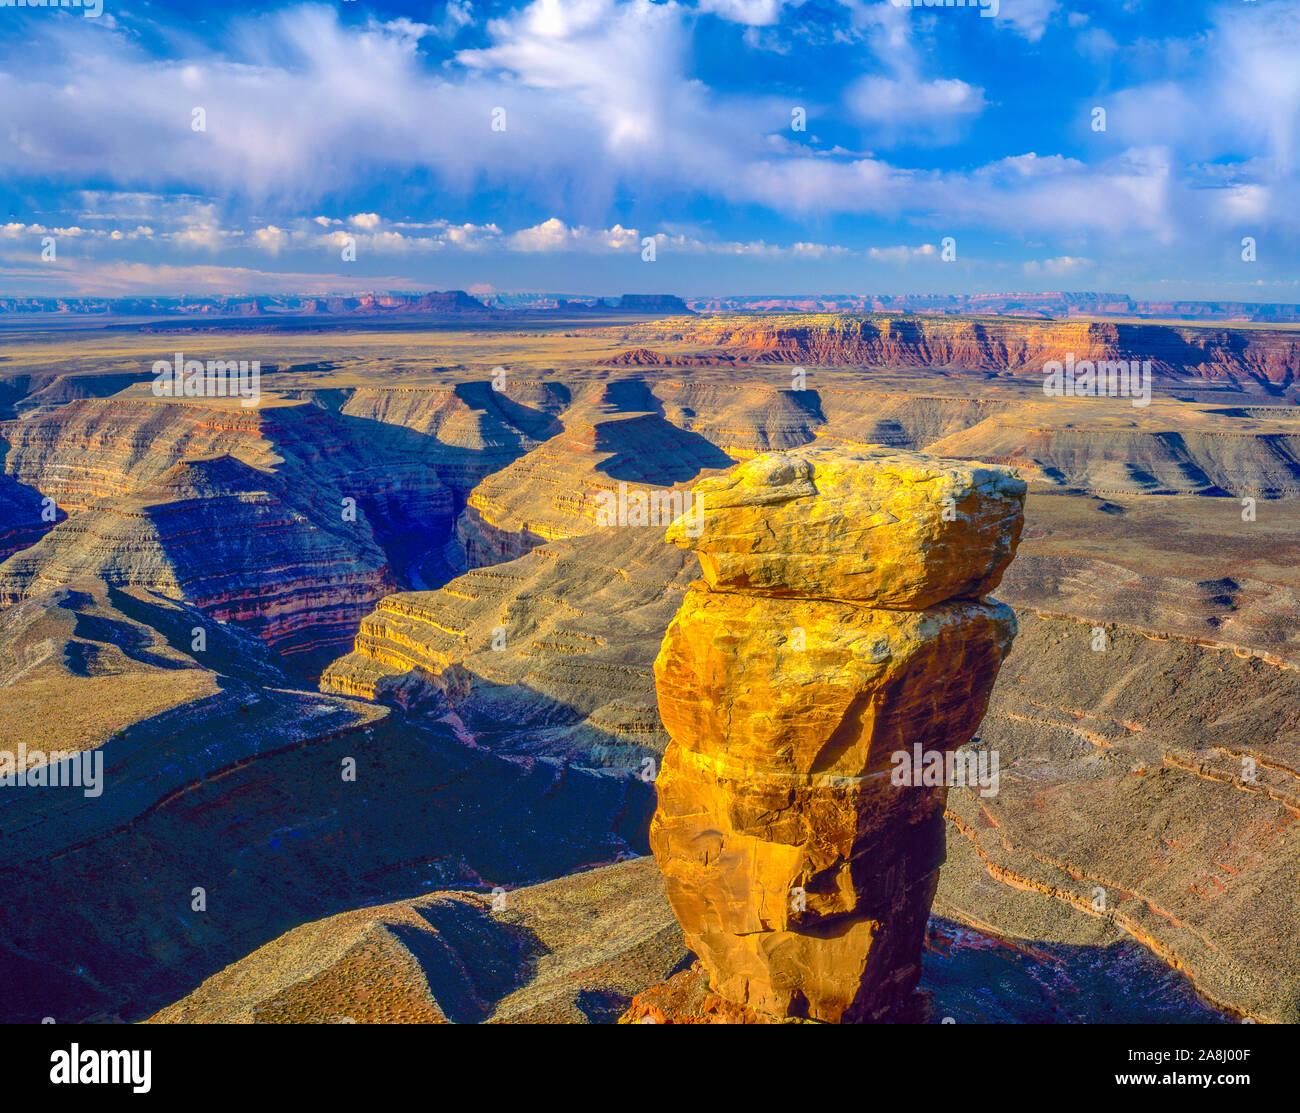 Muley el punto vista, Glen Canyon National Recreation Aea, Utah, Río San Juan, cuellos de cisne, vista hacia el Valle Monumento Foto de stock